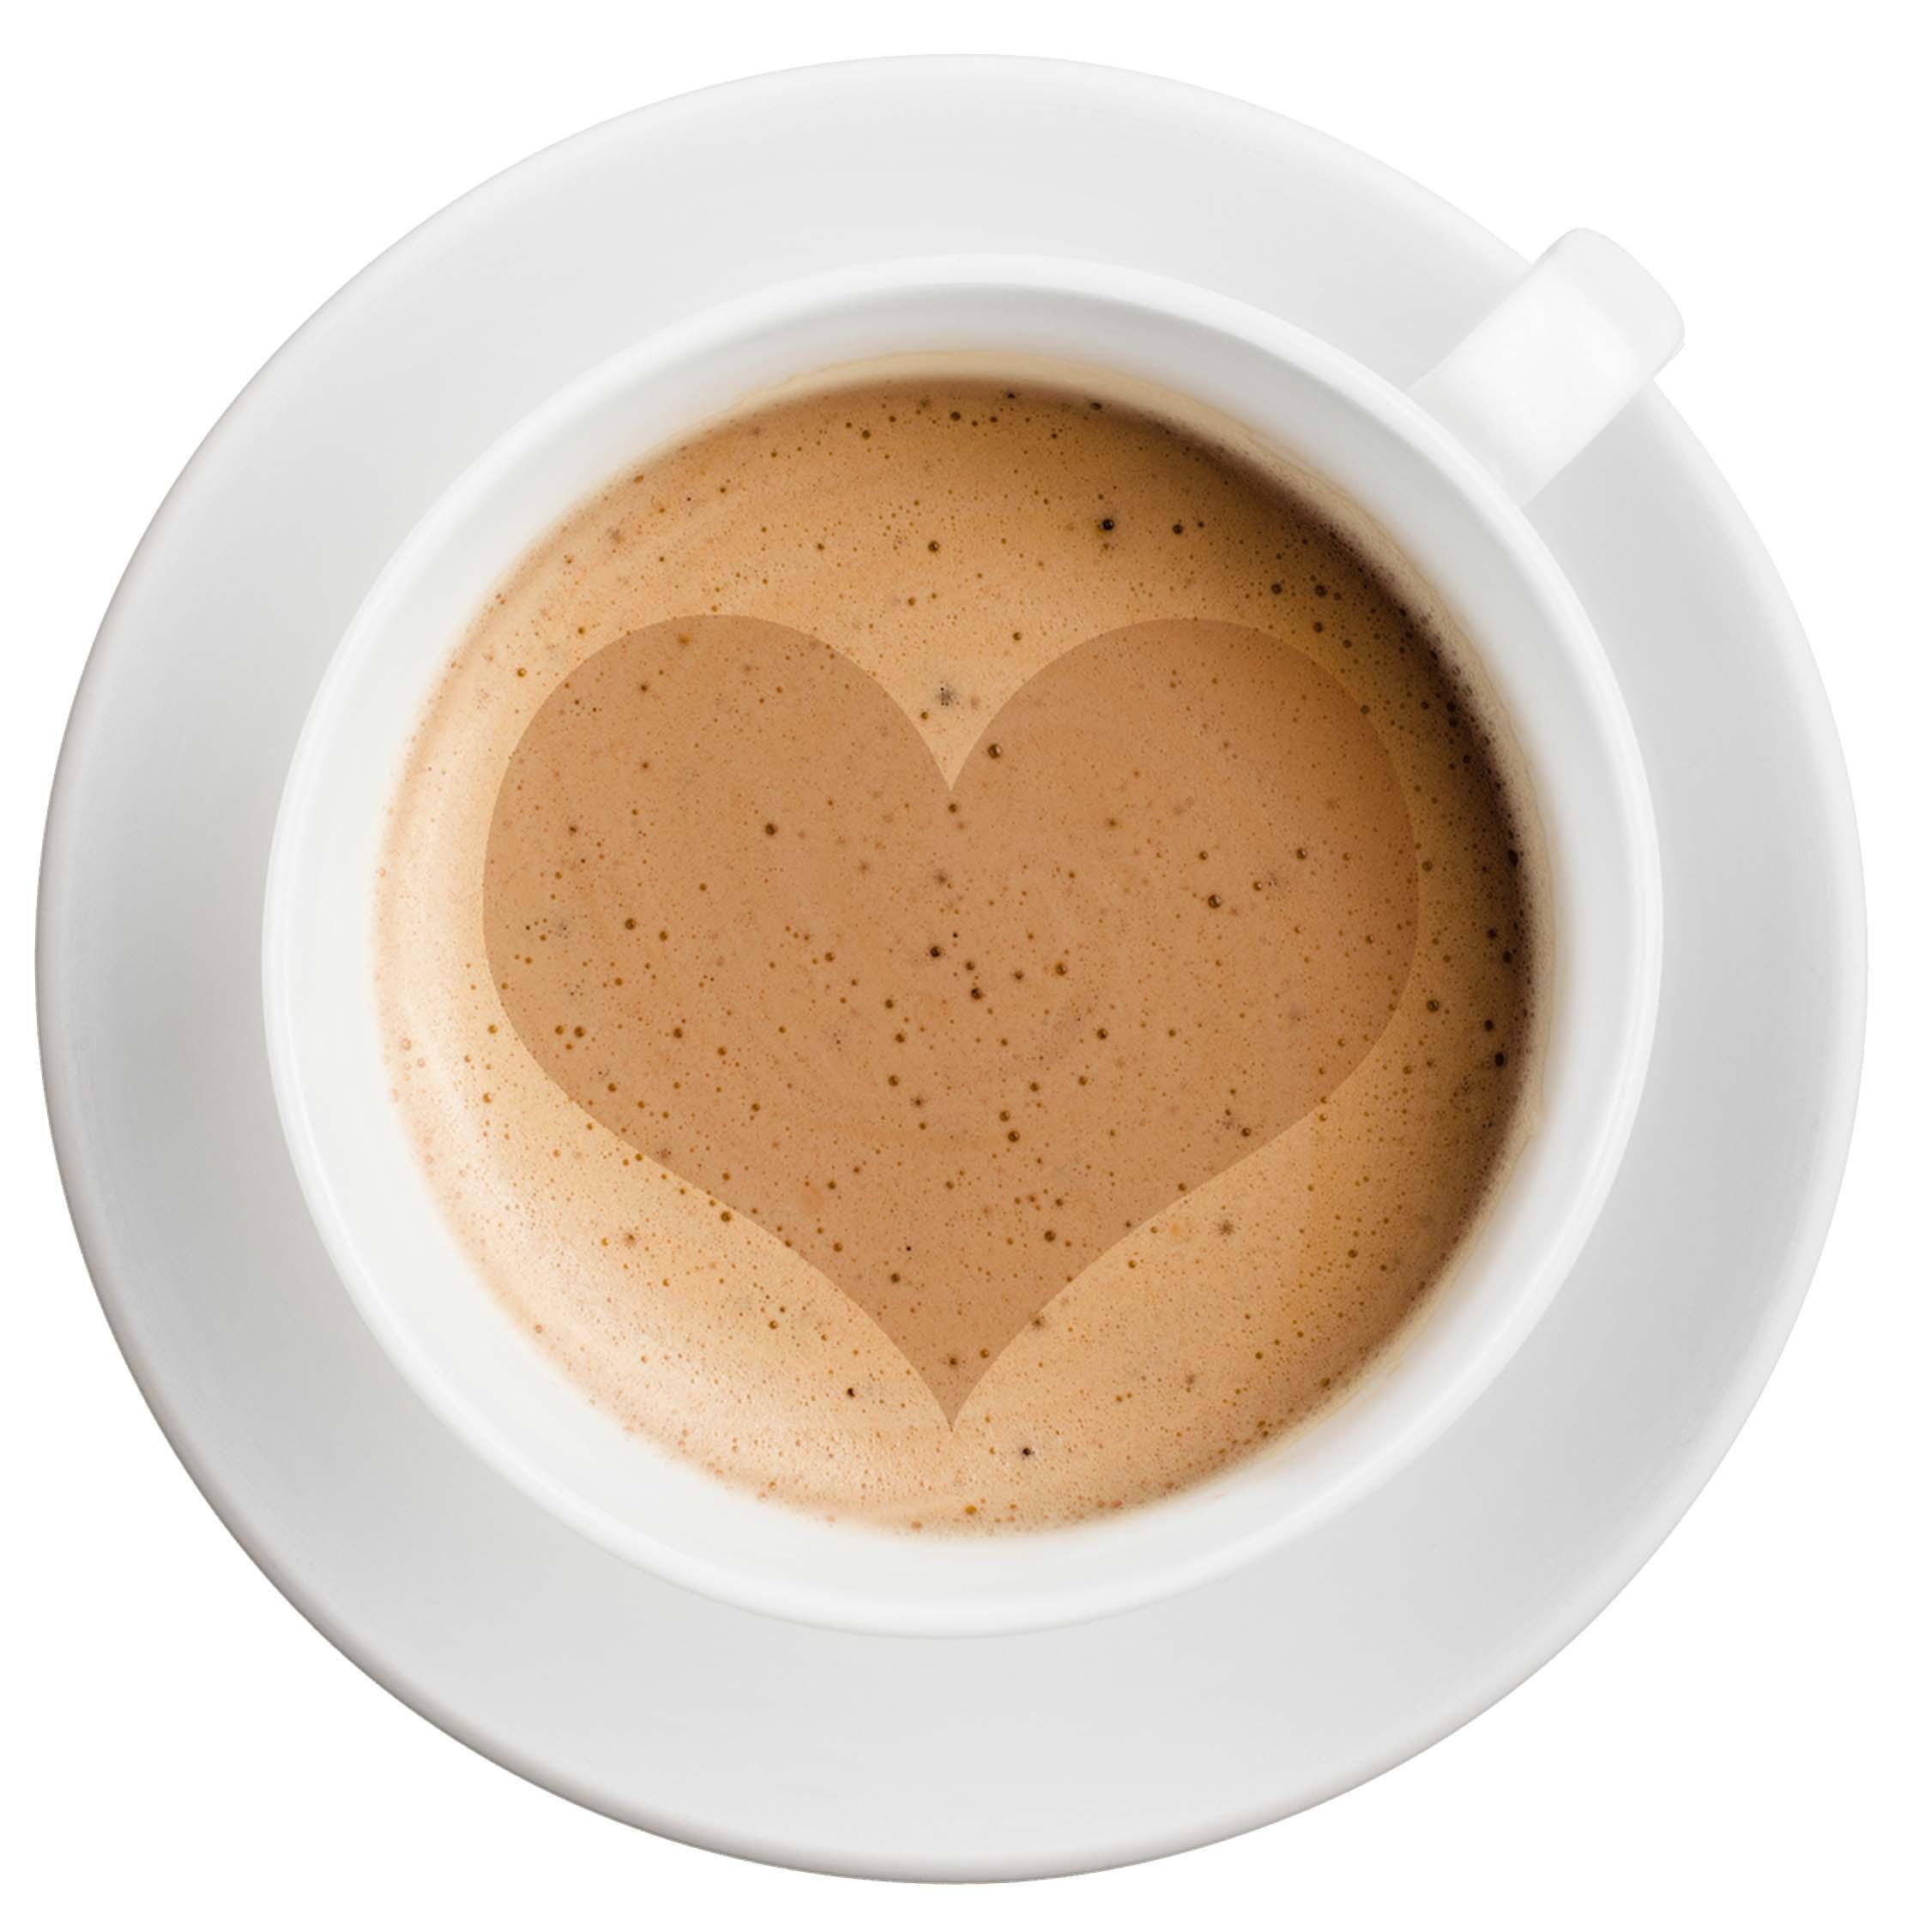 coffee-heart-image_548